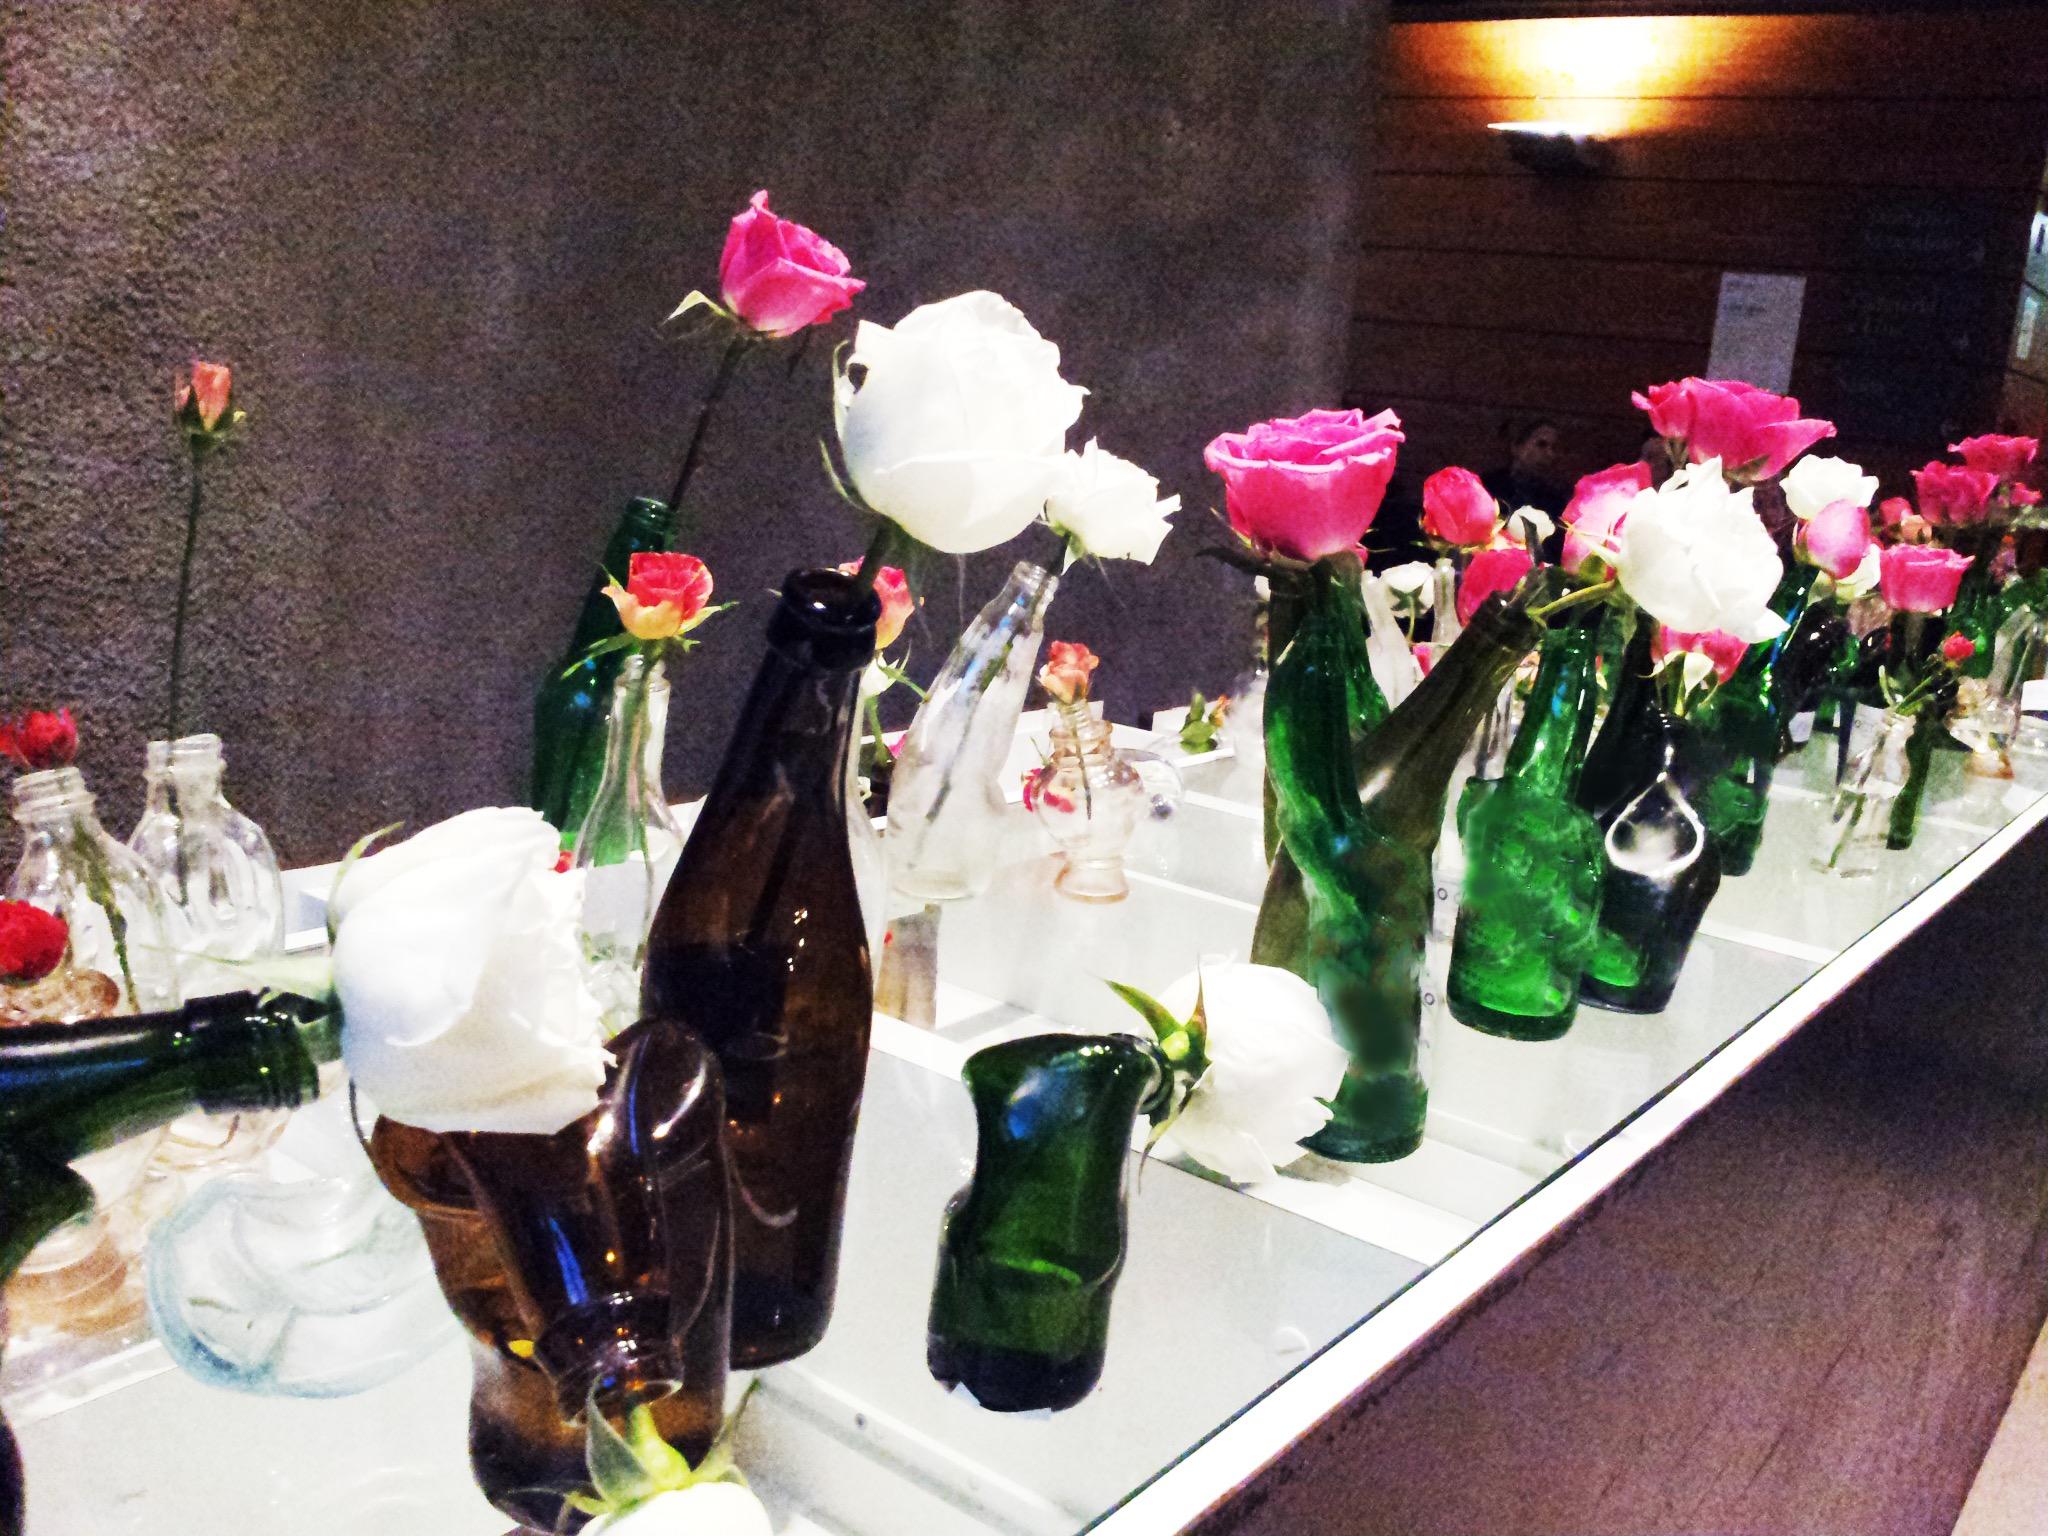 garrafas garrafinhas.jpg